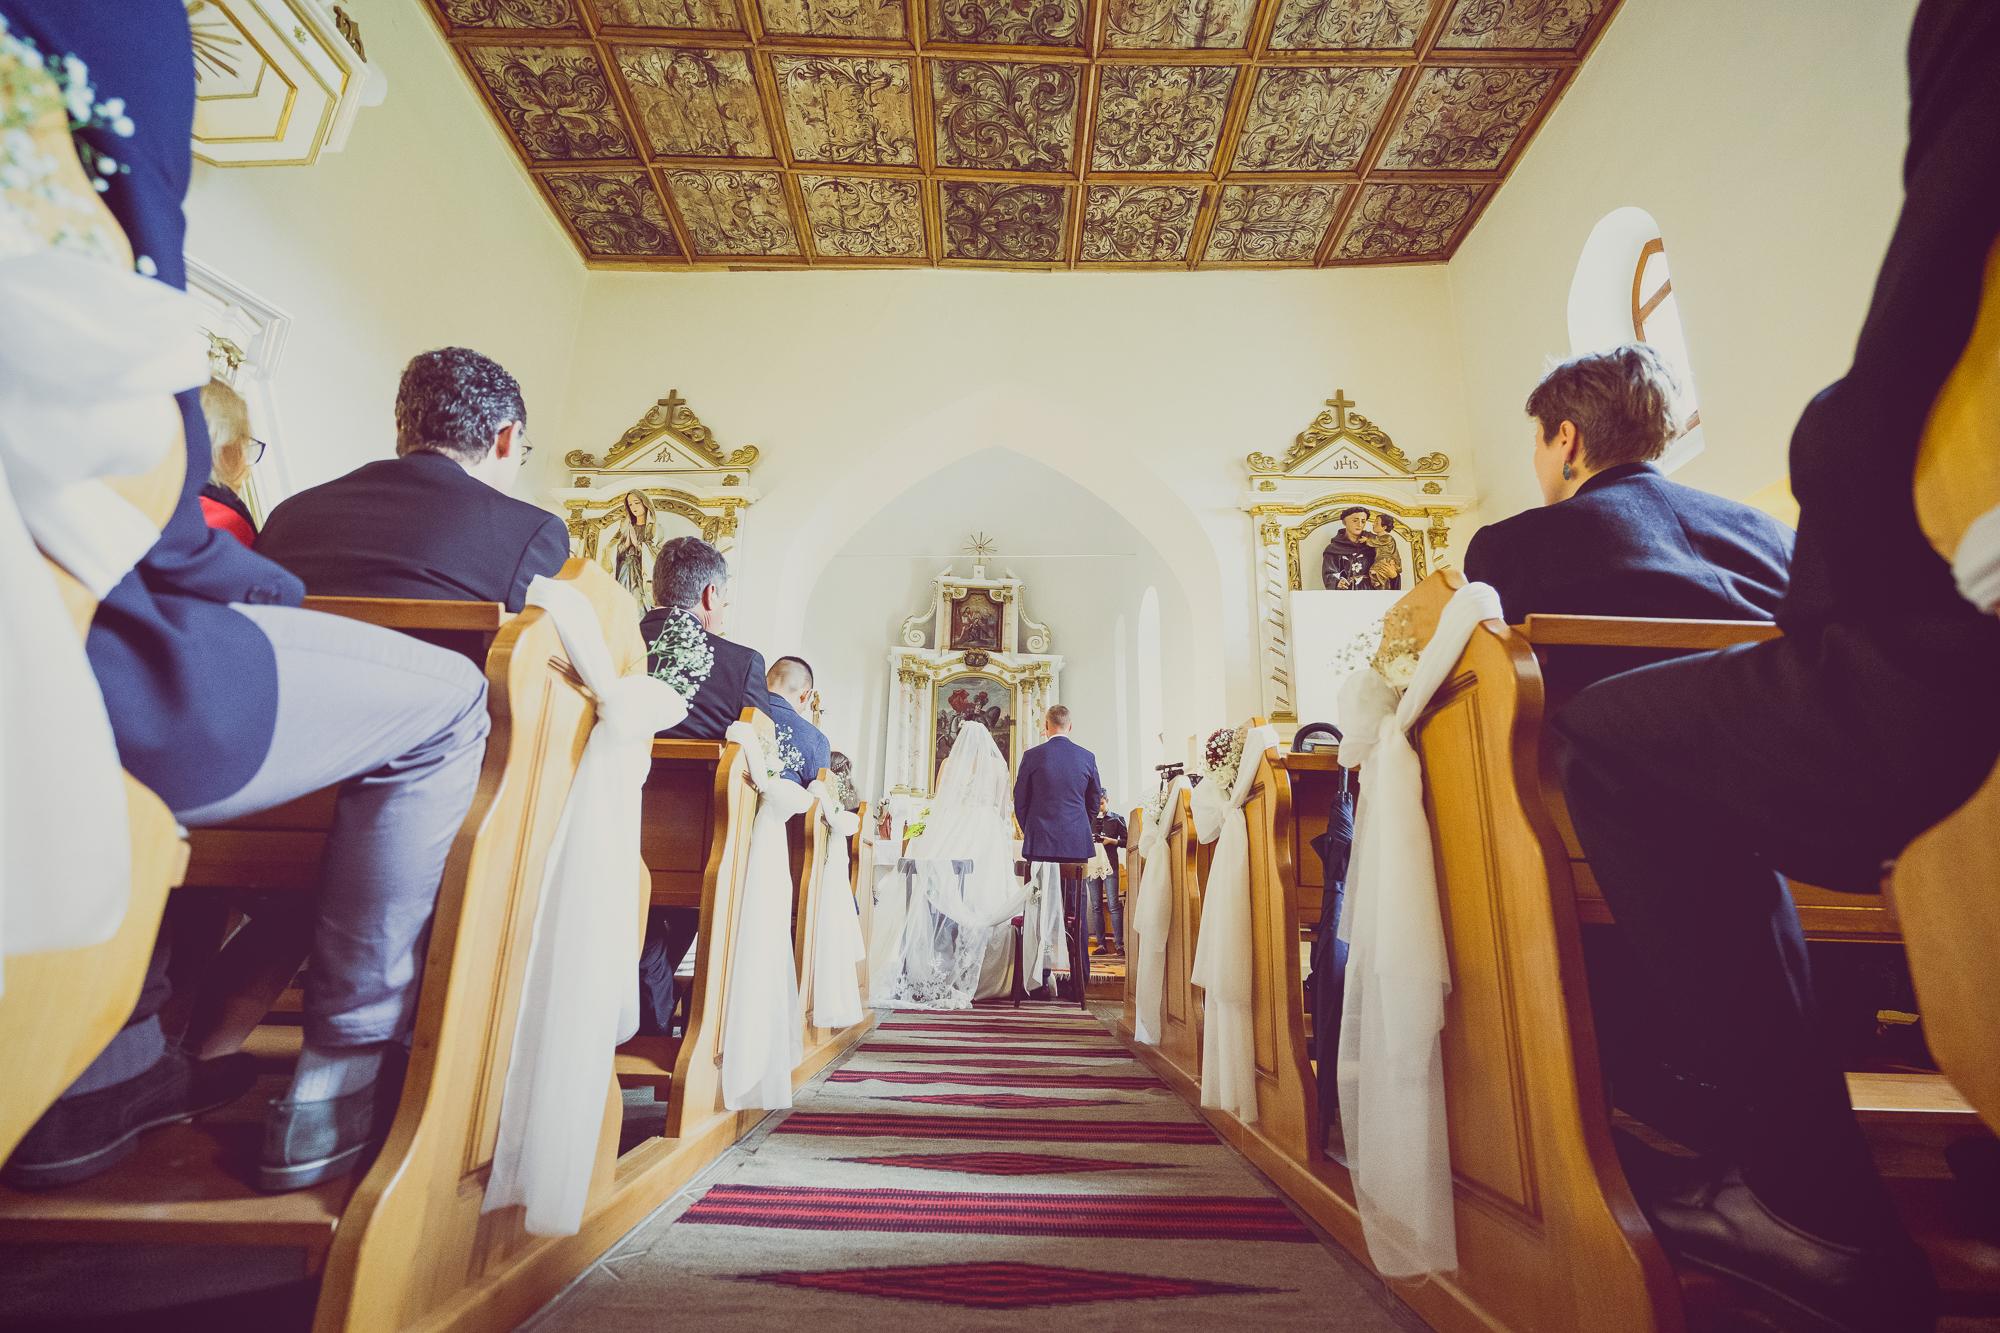 fotografie de nunta, cununie, miri in biserica, tavanul pictat, mirii din spate, cadru larg cu interiorul bisericii